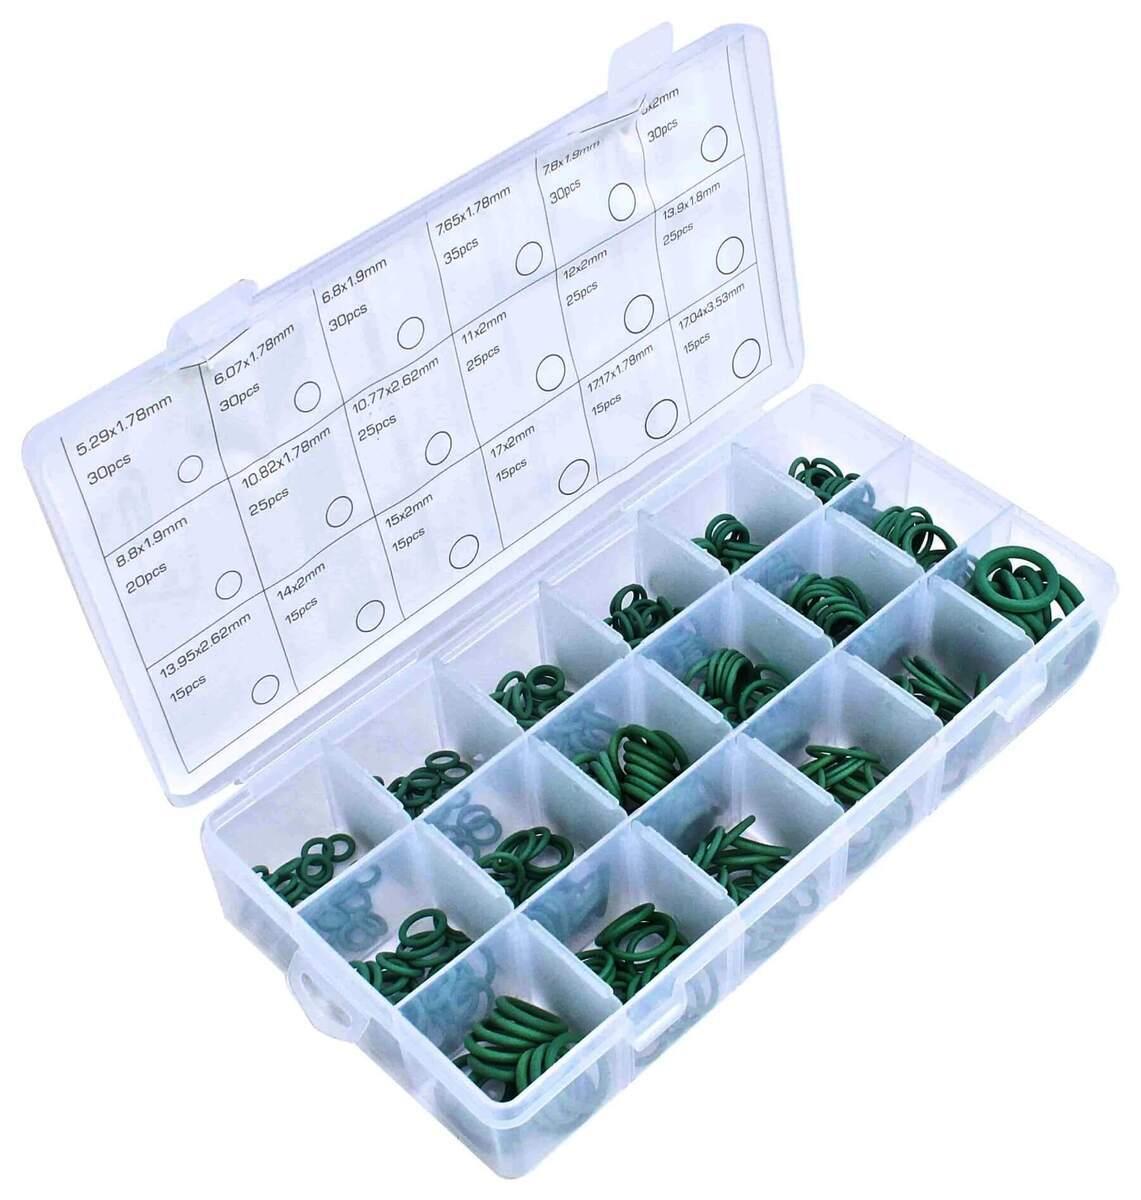 Gumové o-kroužky HNBR, pro spoje klimatizace, různé rozměry, sada 420 ks - ASTA